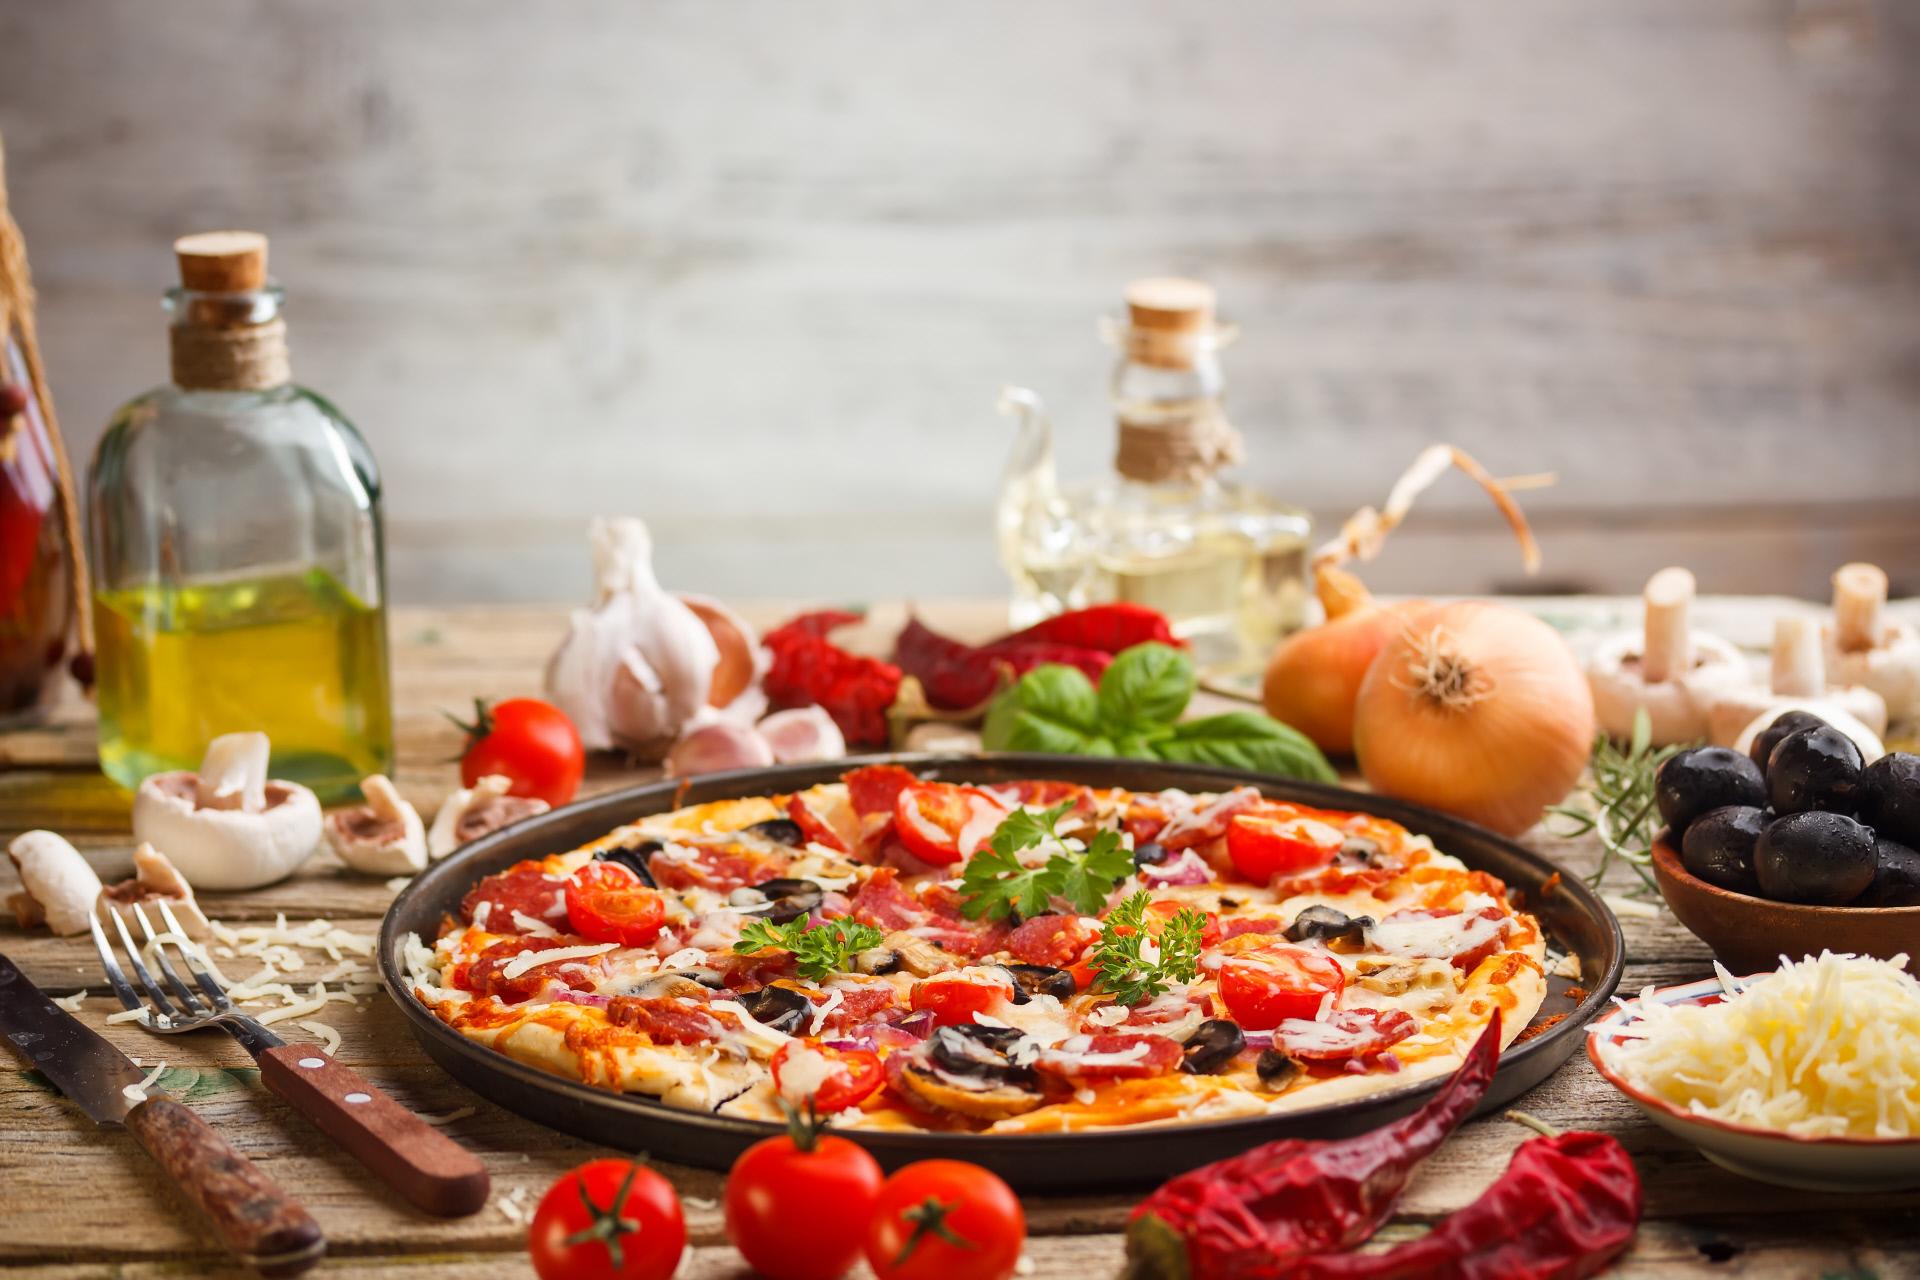 Pizza con base de tortillas de harina.